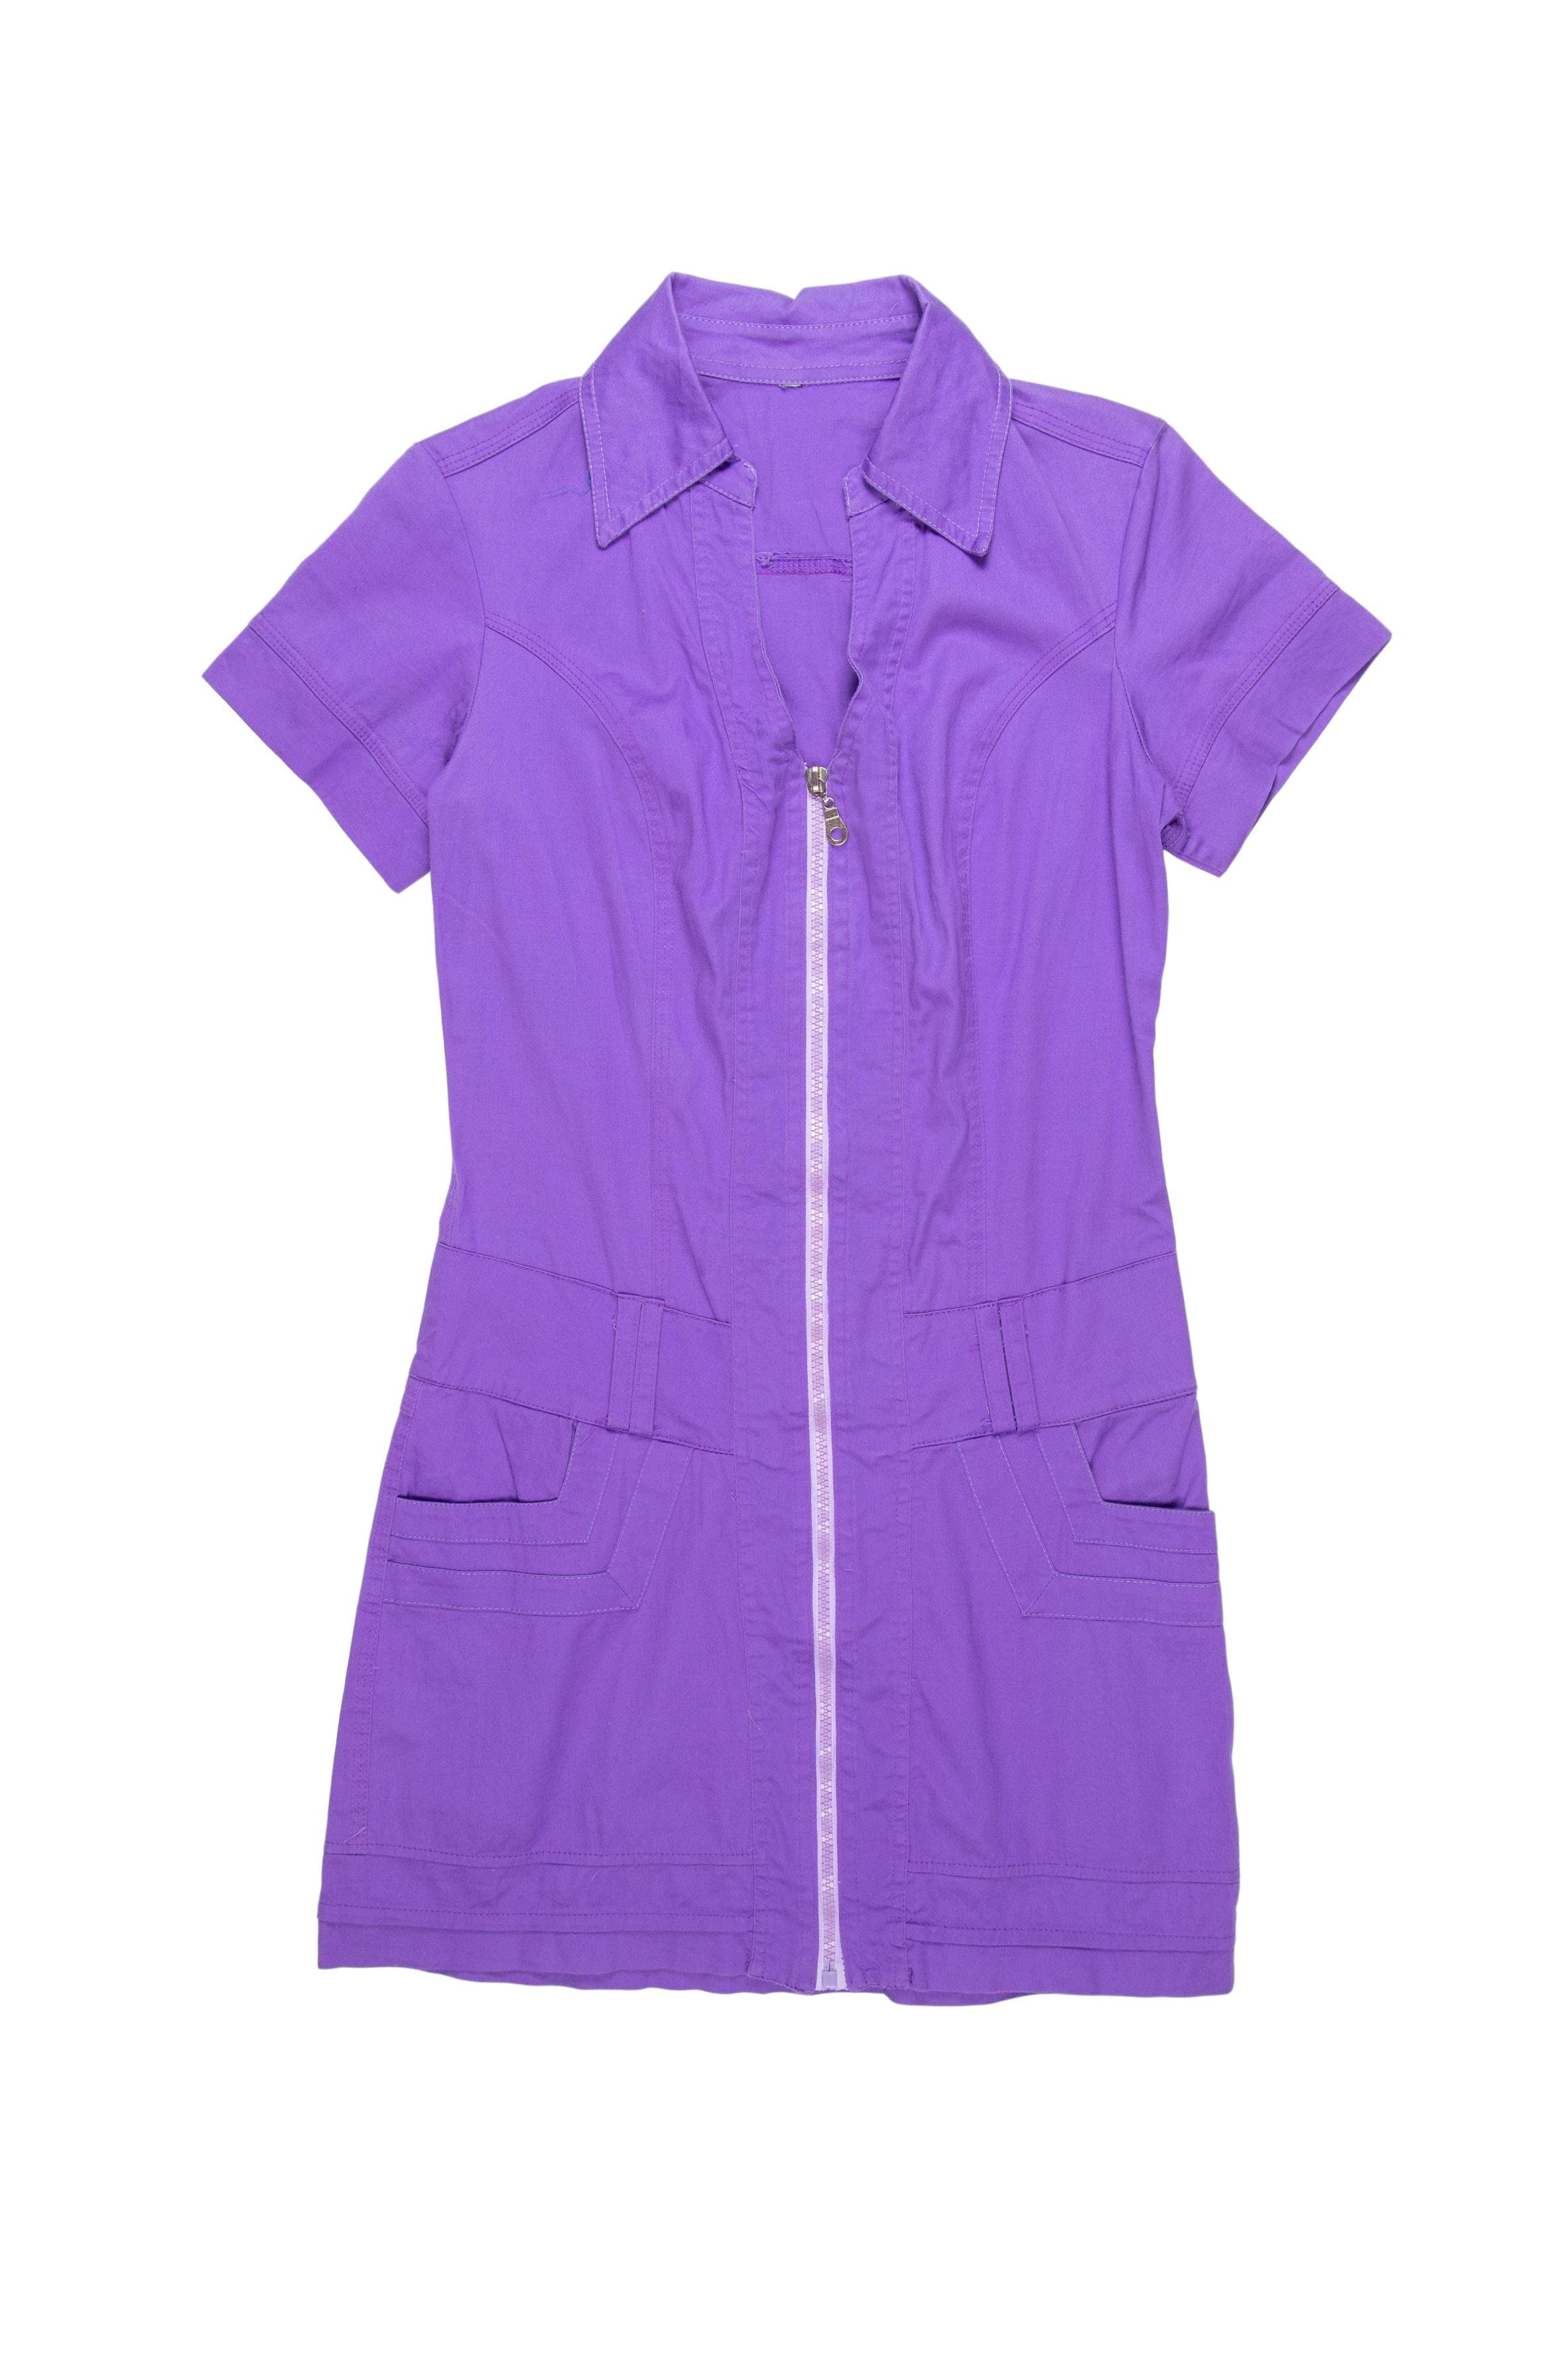 Vestido morado de drill ligeramanete stretch, con cuello camisero, escote en V, bolsillos laterales y cierre central. Busto 90cm Cintura 72cm Largo 78cm